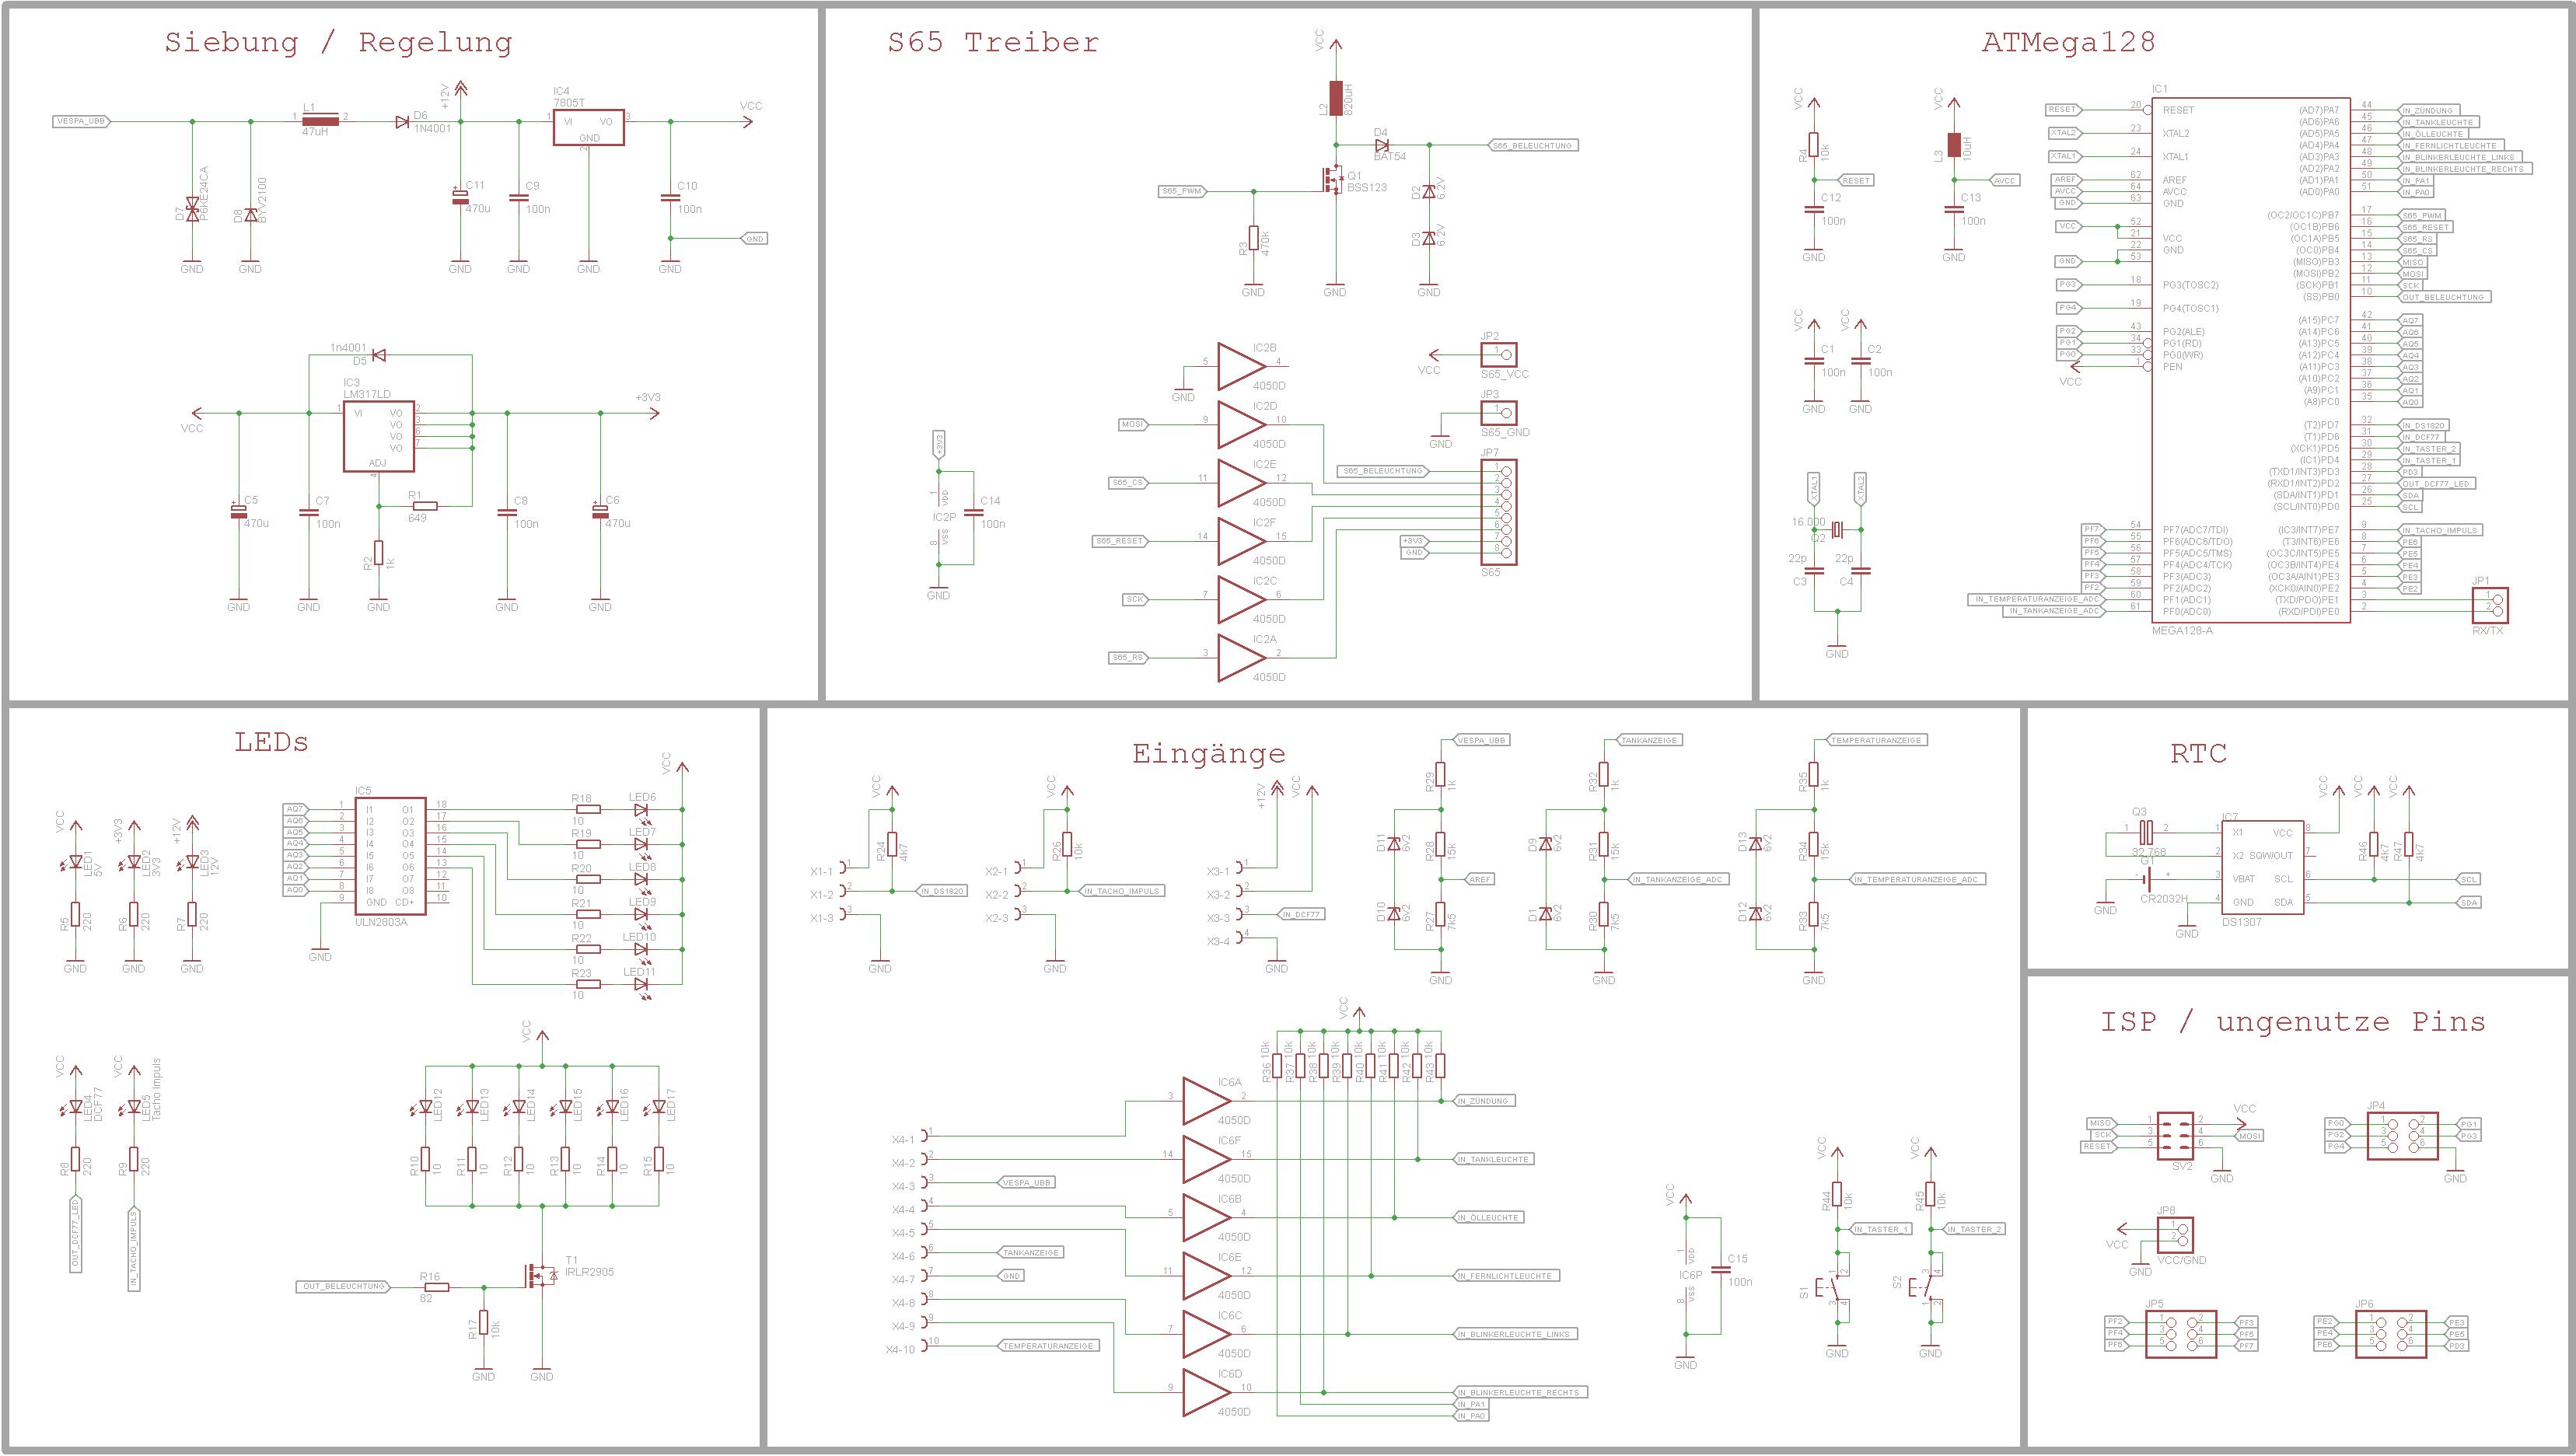 Großartig Schaltkreise Projekt Bilder - Die Besten Elektrischen ...